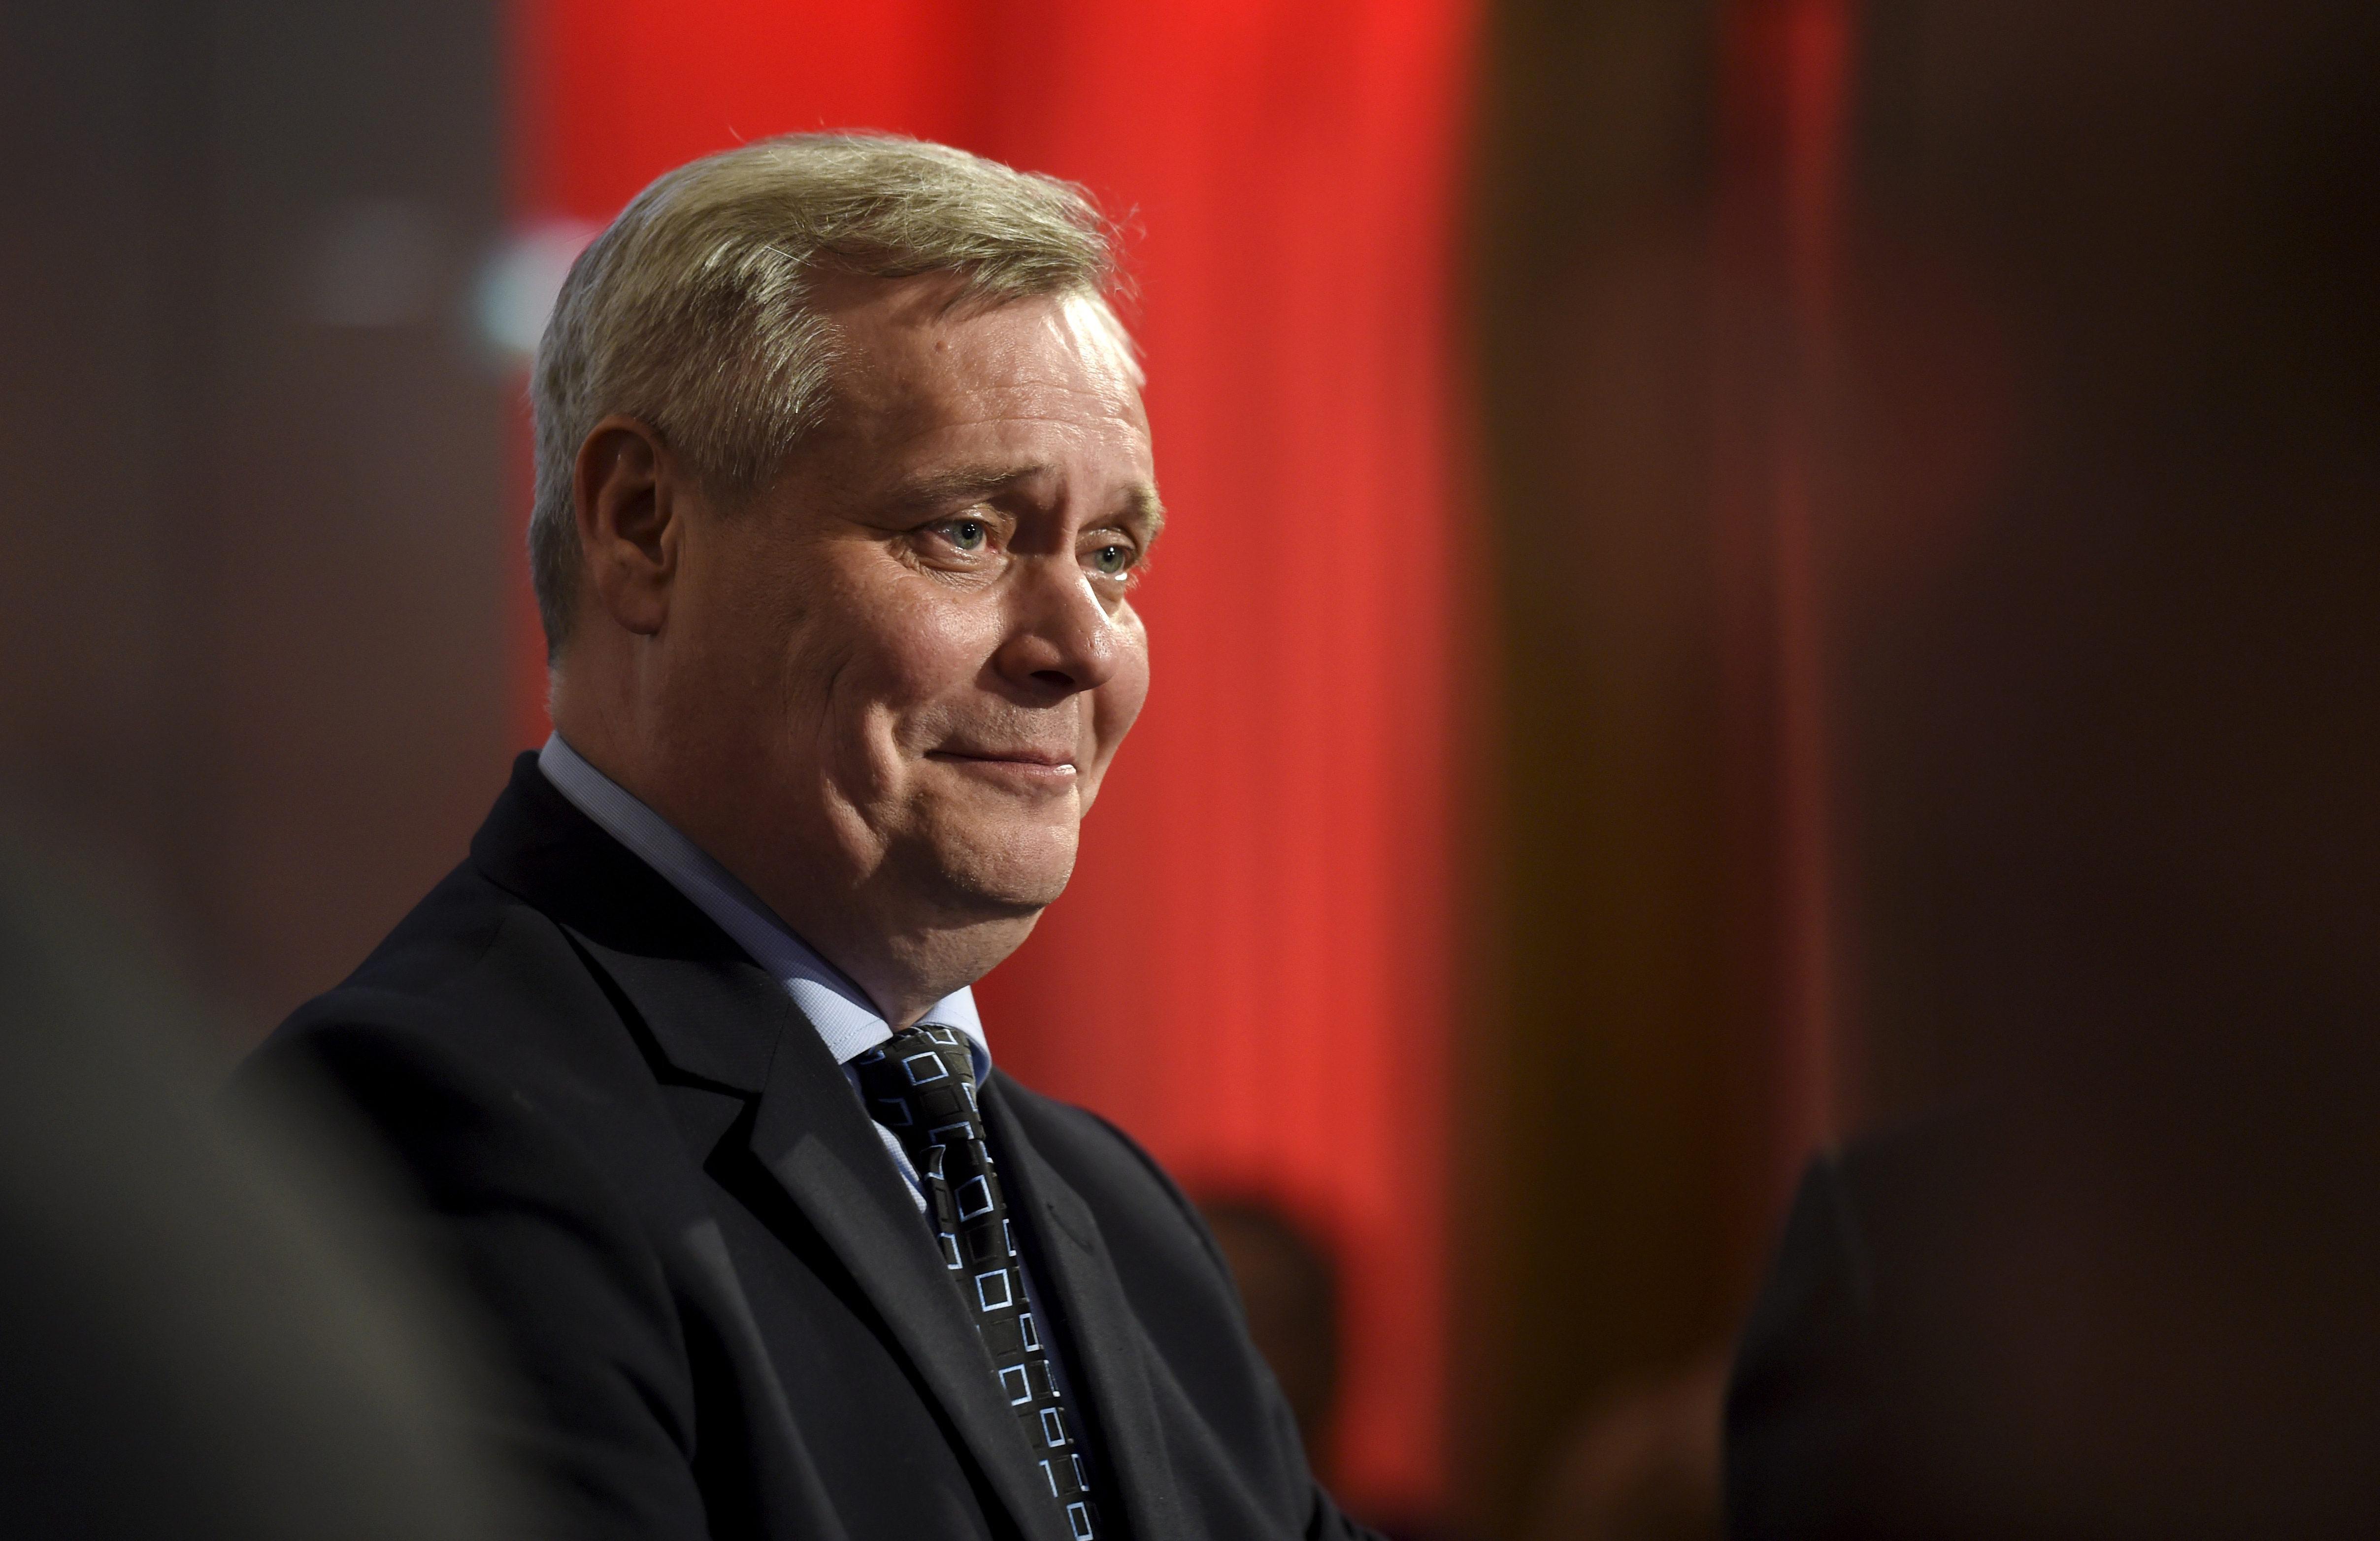 A legnépszerűbb finn miniszterelnök-jelölt azzal kampányol, hogy adóemelésre van szükség a szociális ellátások színvonalának fenntartásához